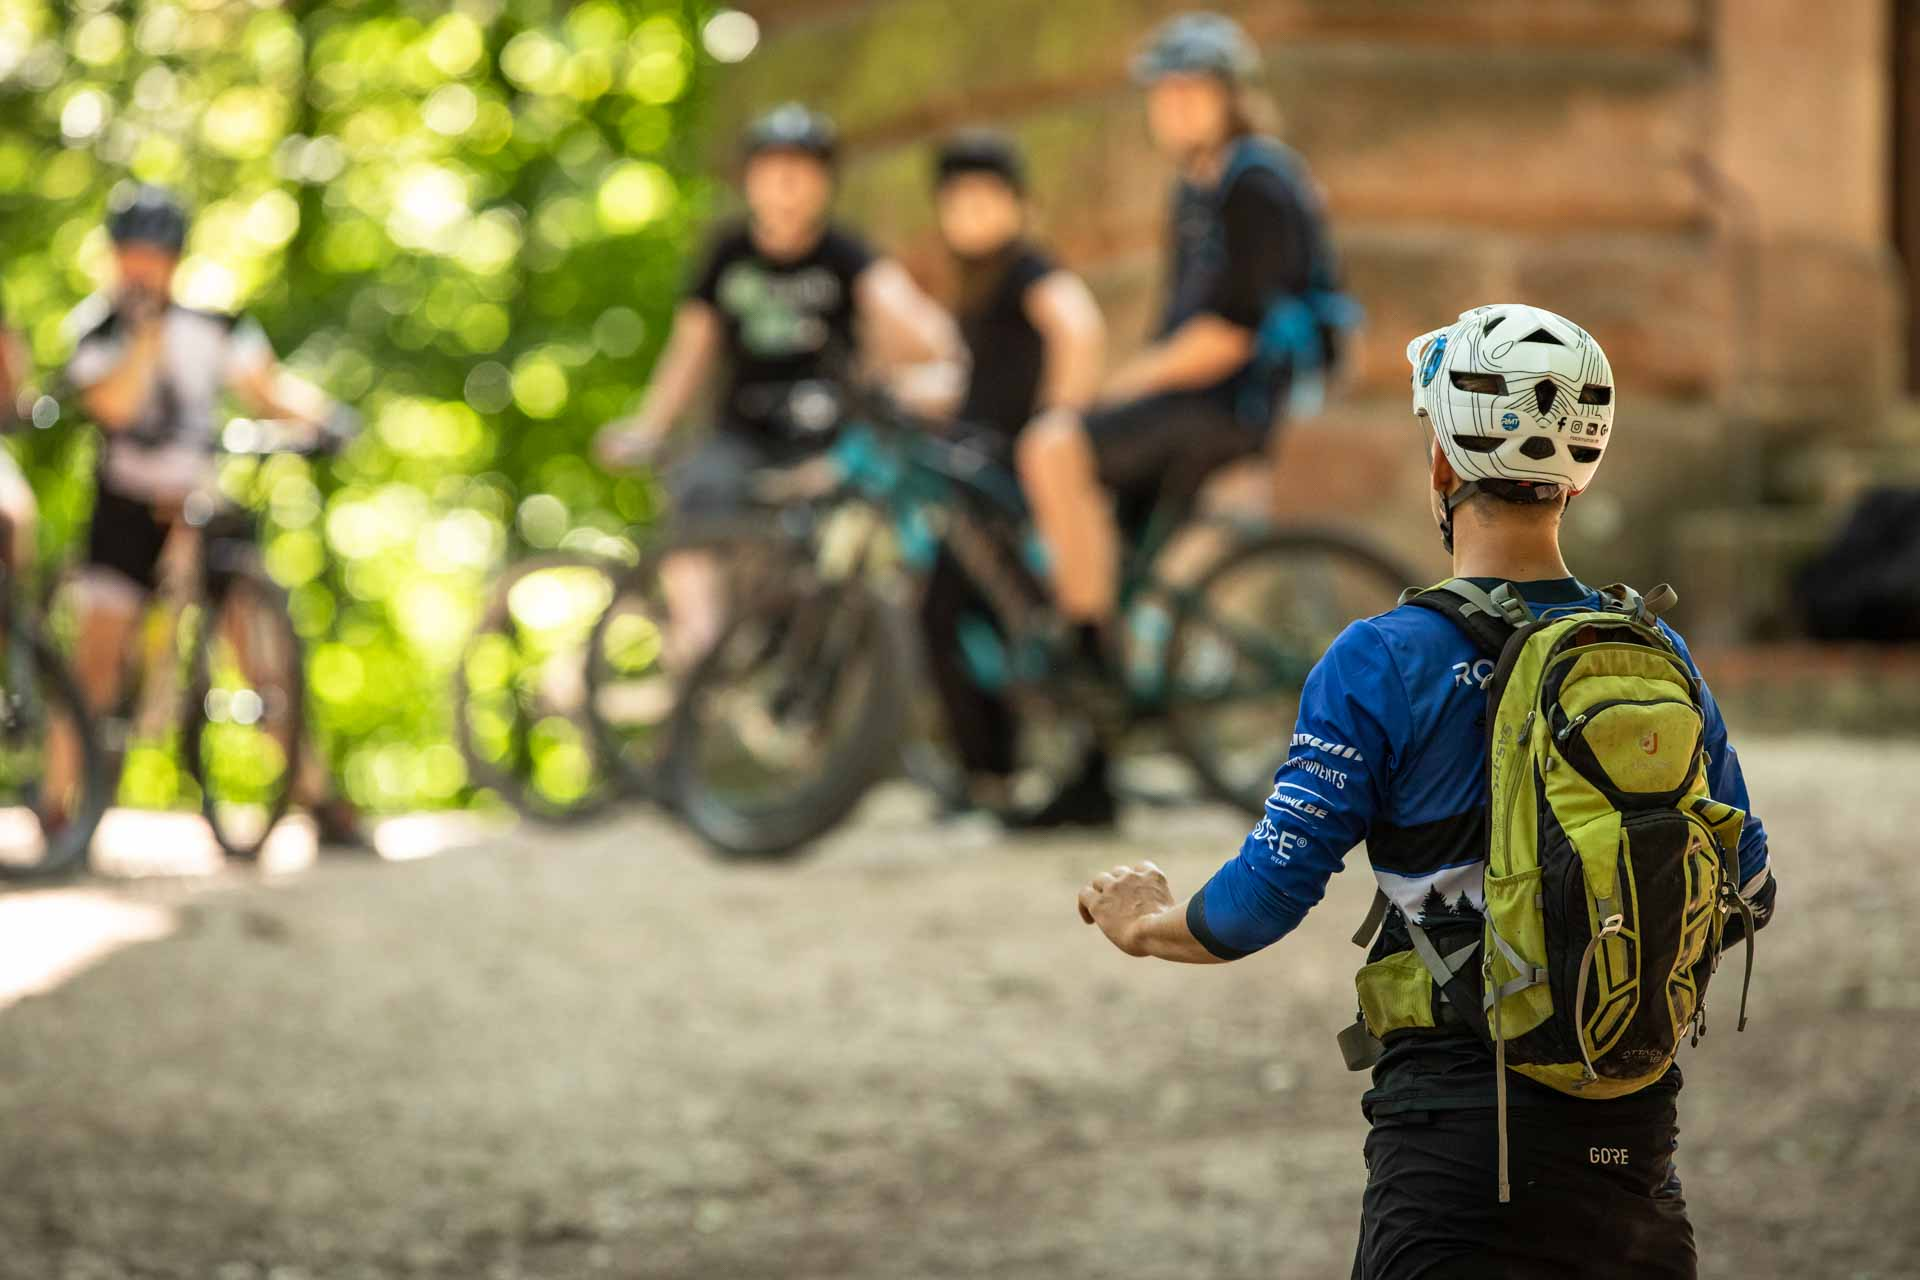 MTB Fahrtechnik Kurs für Einsteiger in Bad Orb   Spessart - Mountainbike Basic - Rock my Trail Bikeschule - 34